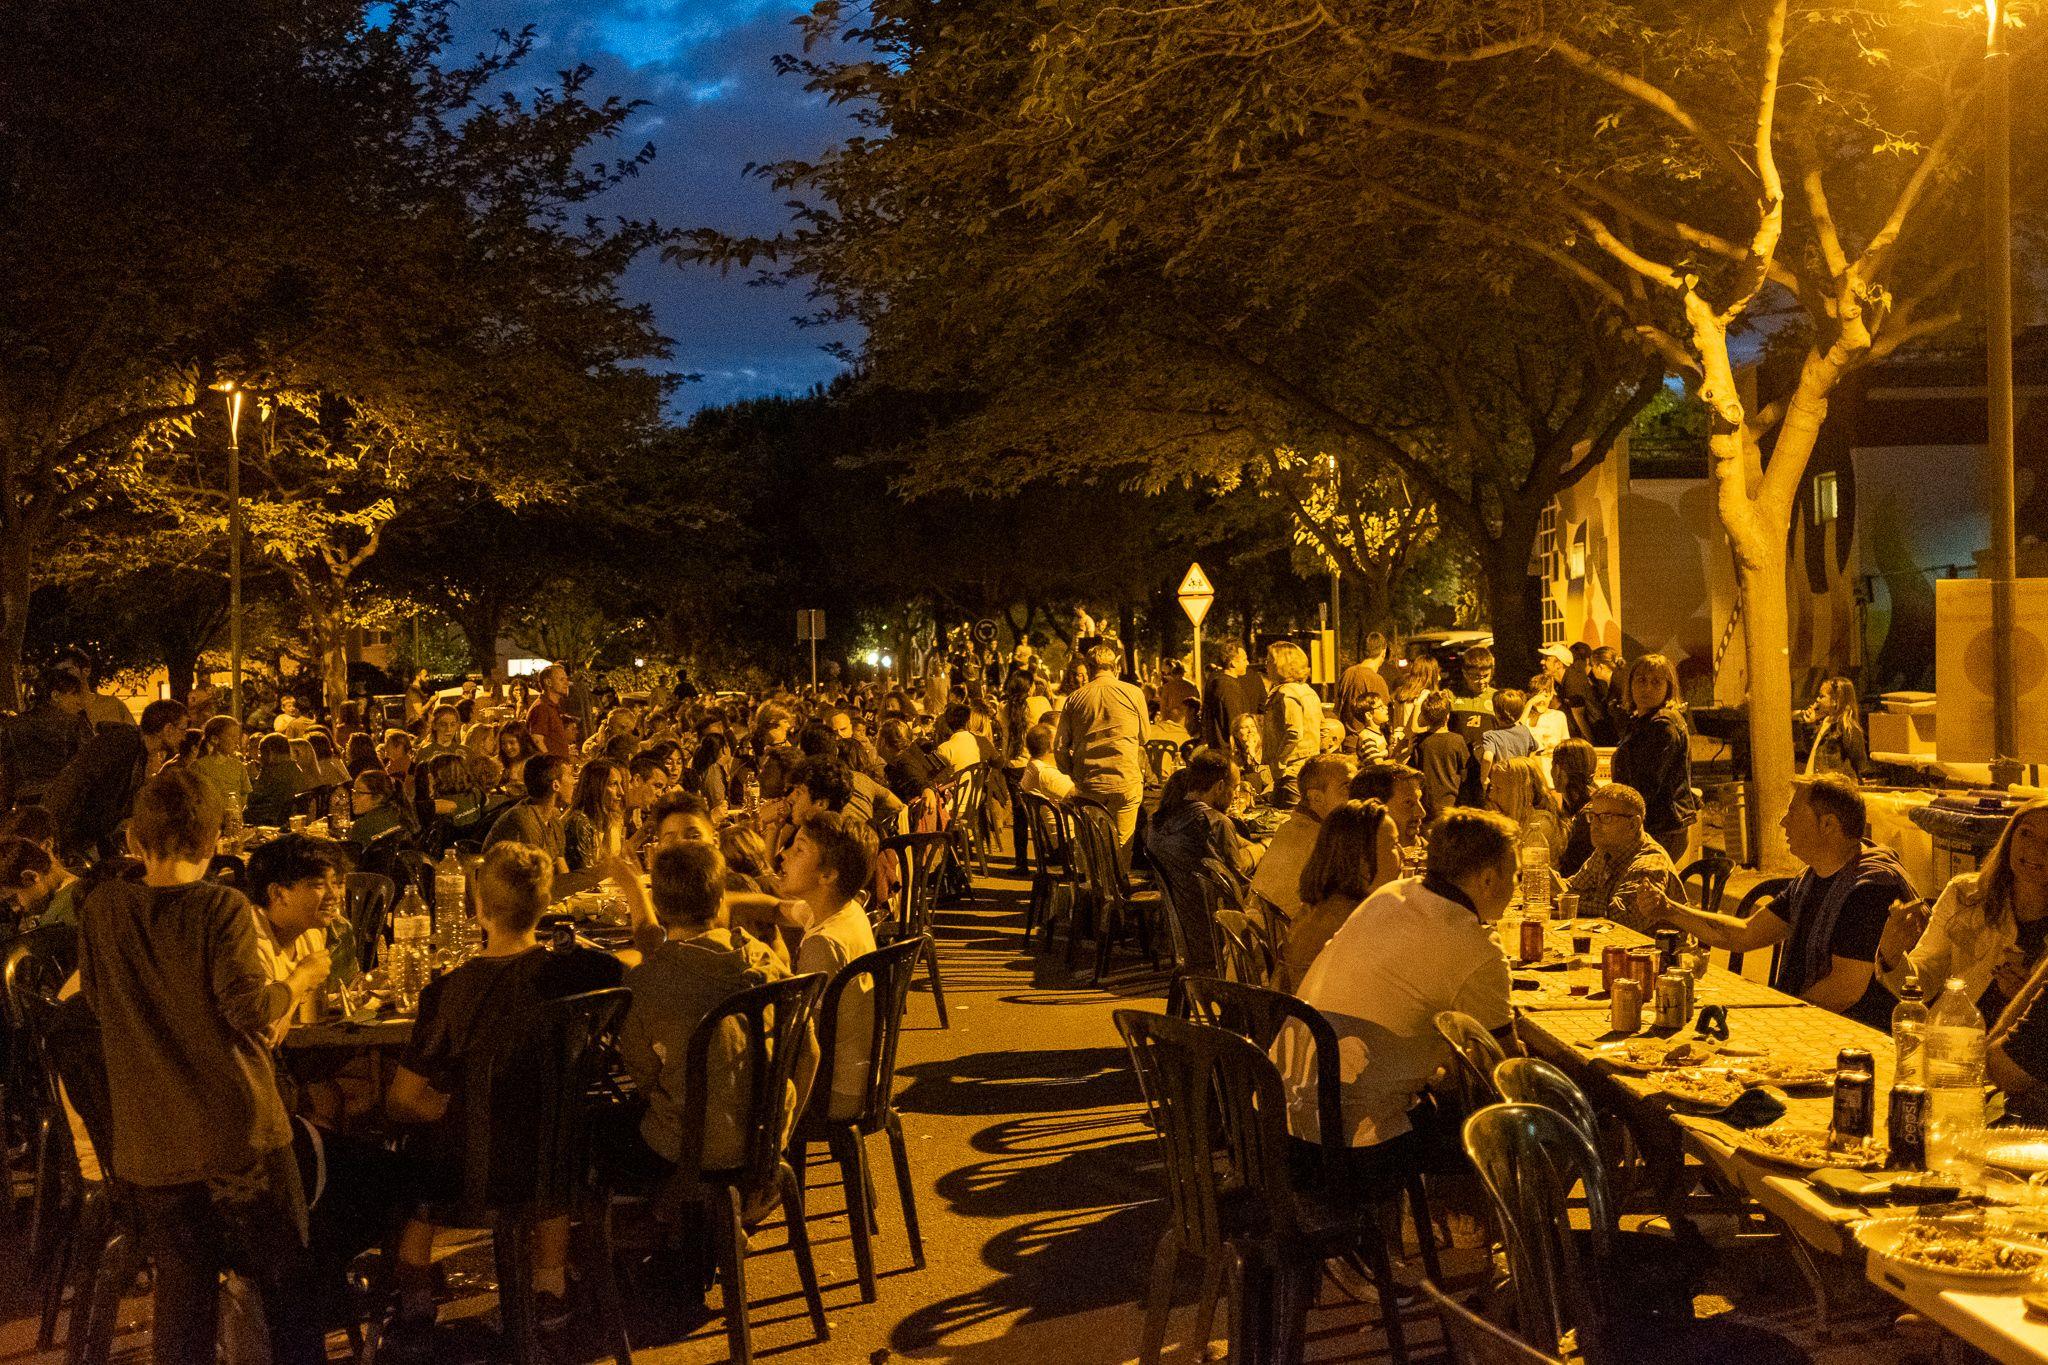 Festa dels Valors, al costat del camp de fútbol de Mira-sol. Foto: Ale G.